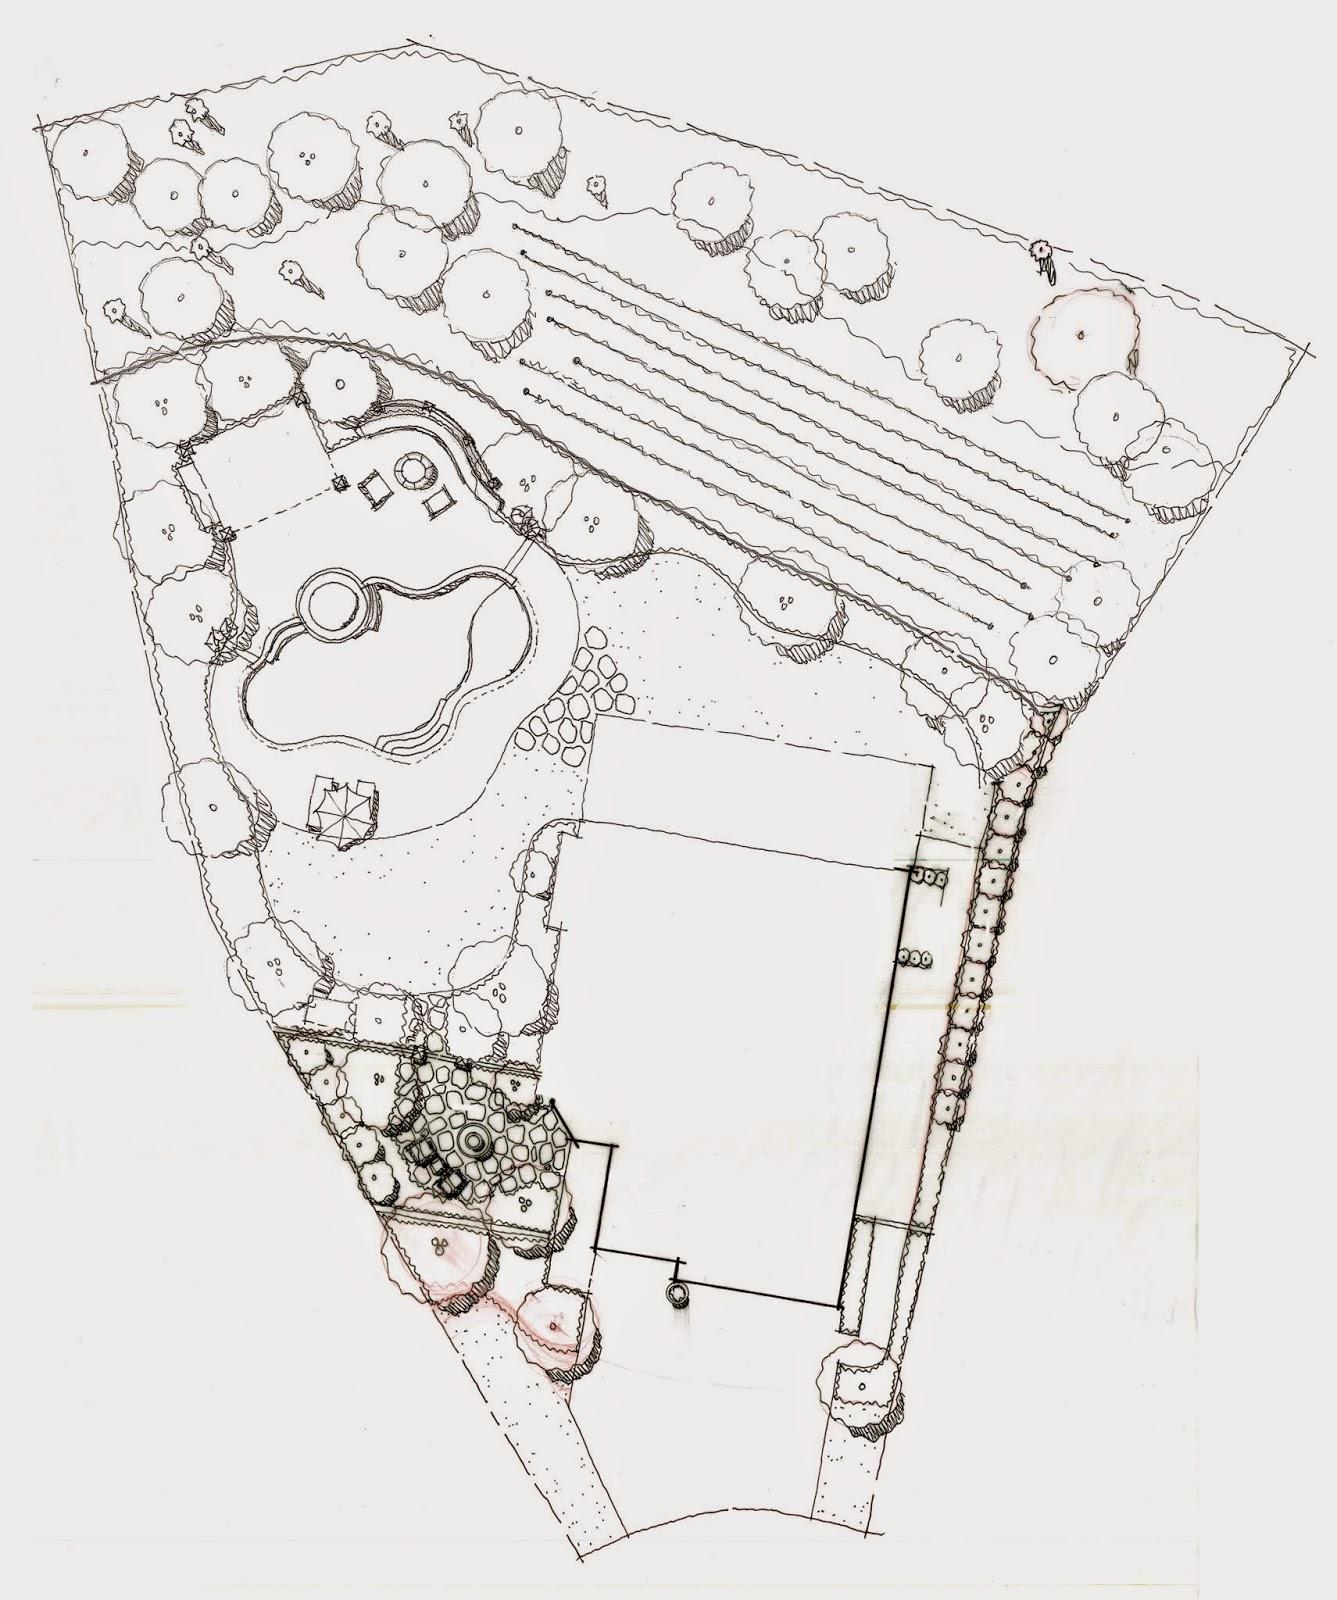 KMB design